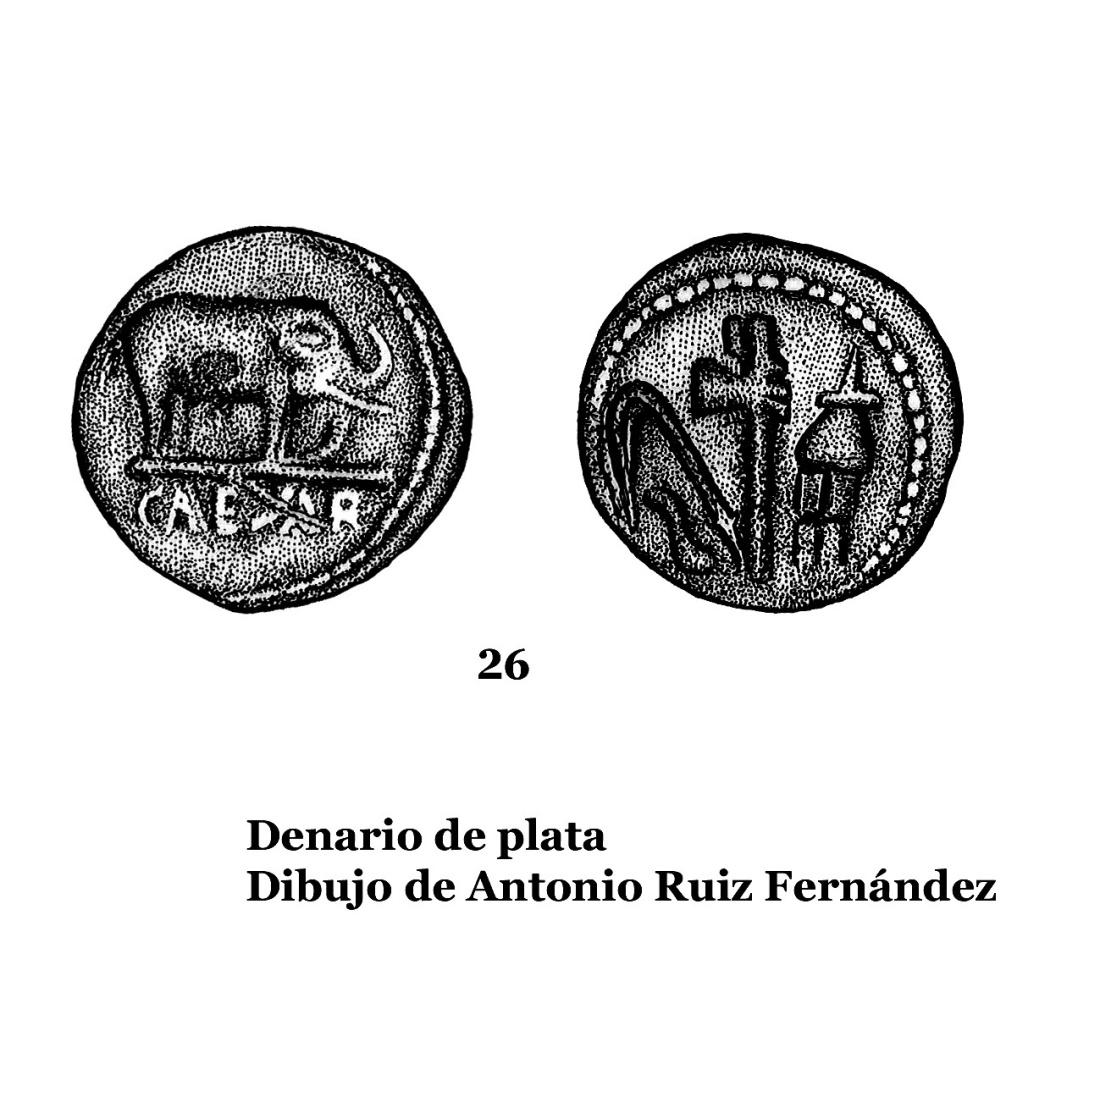 26DENARIOS DE PLATA, DIBUJOS 26 copia